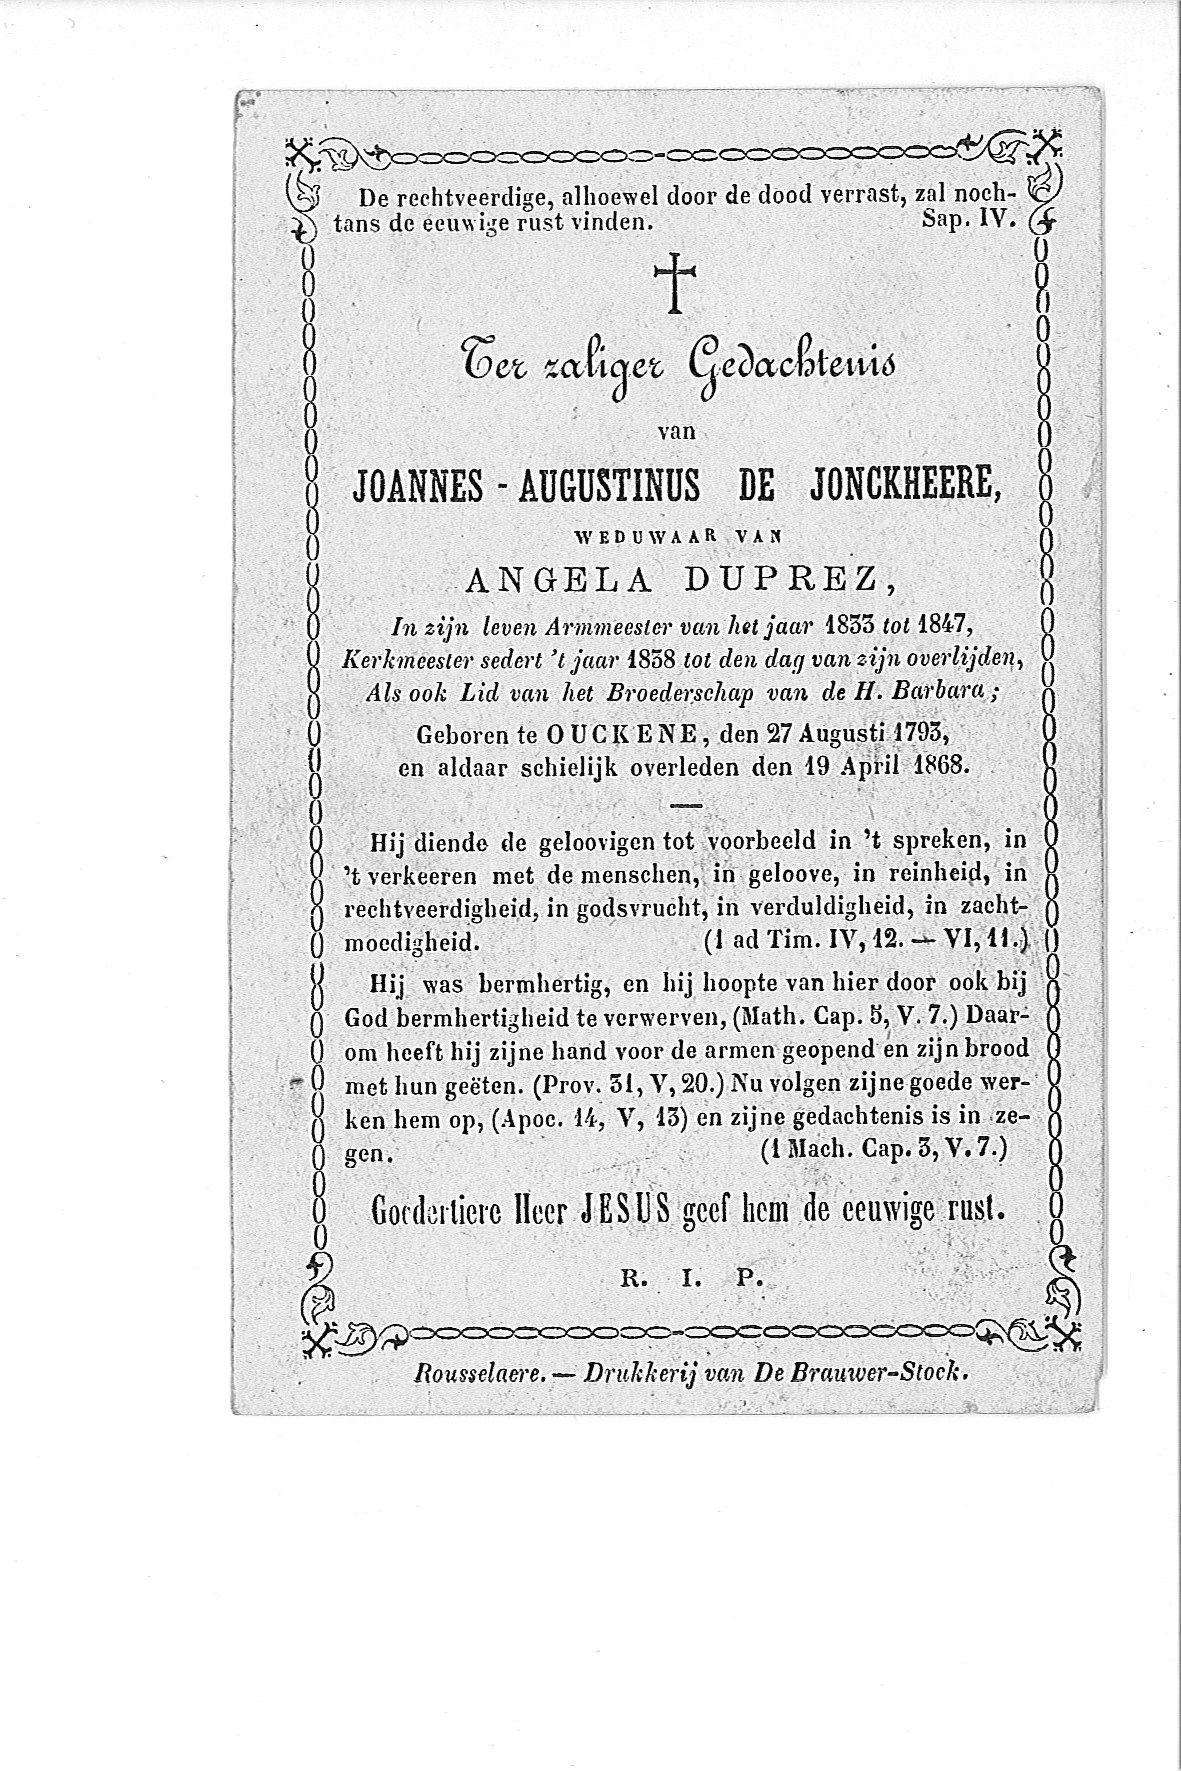 joannes-augustinus20081105143824_00047.jpg